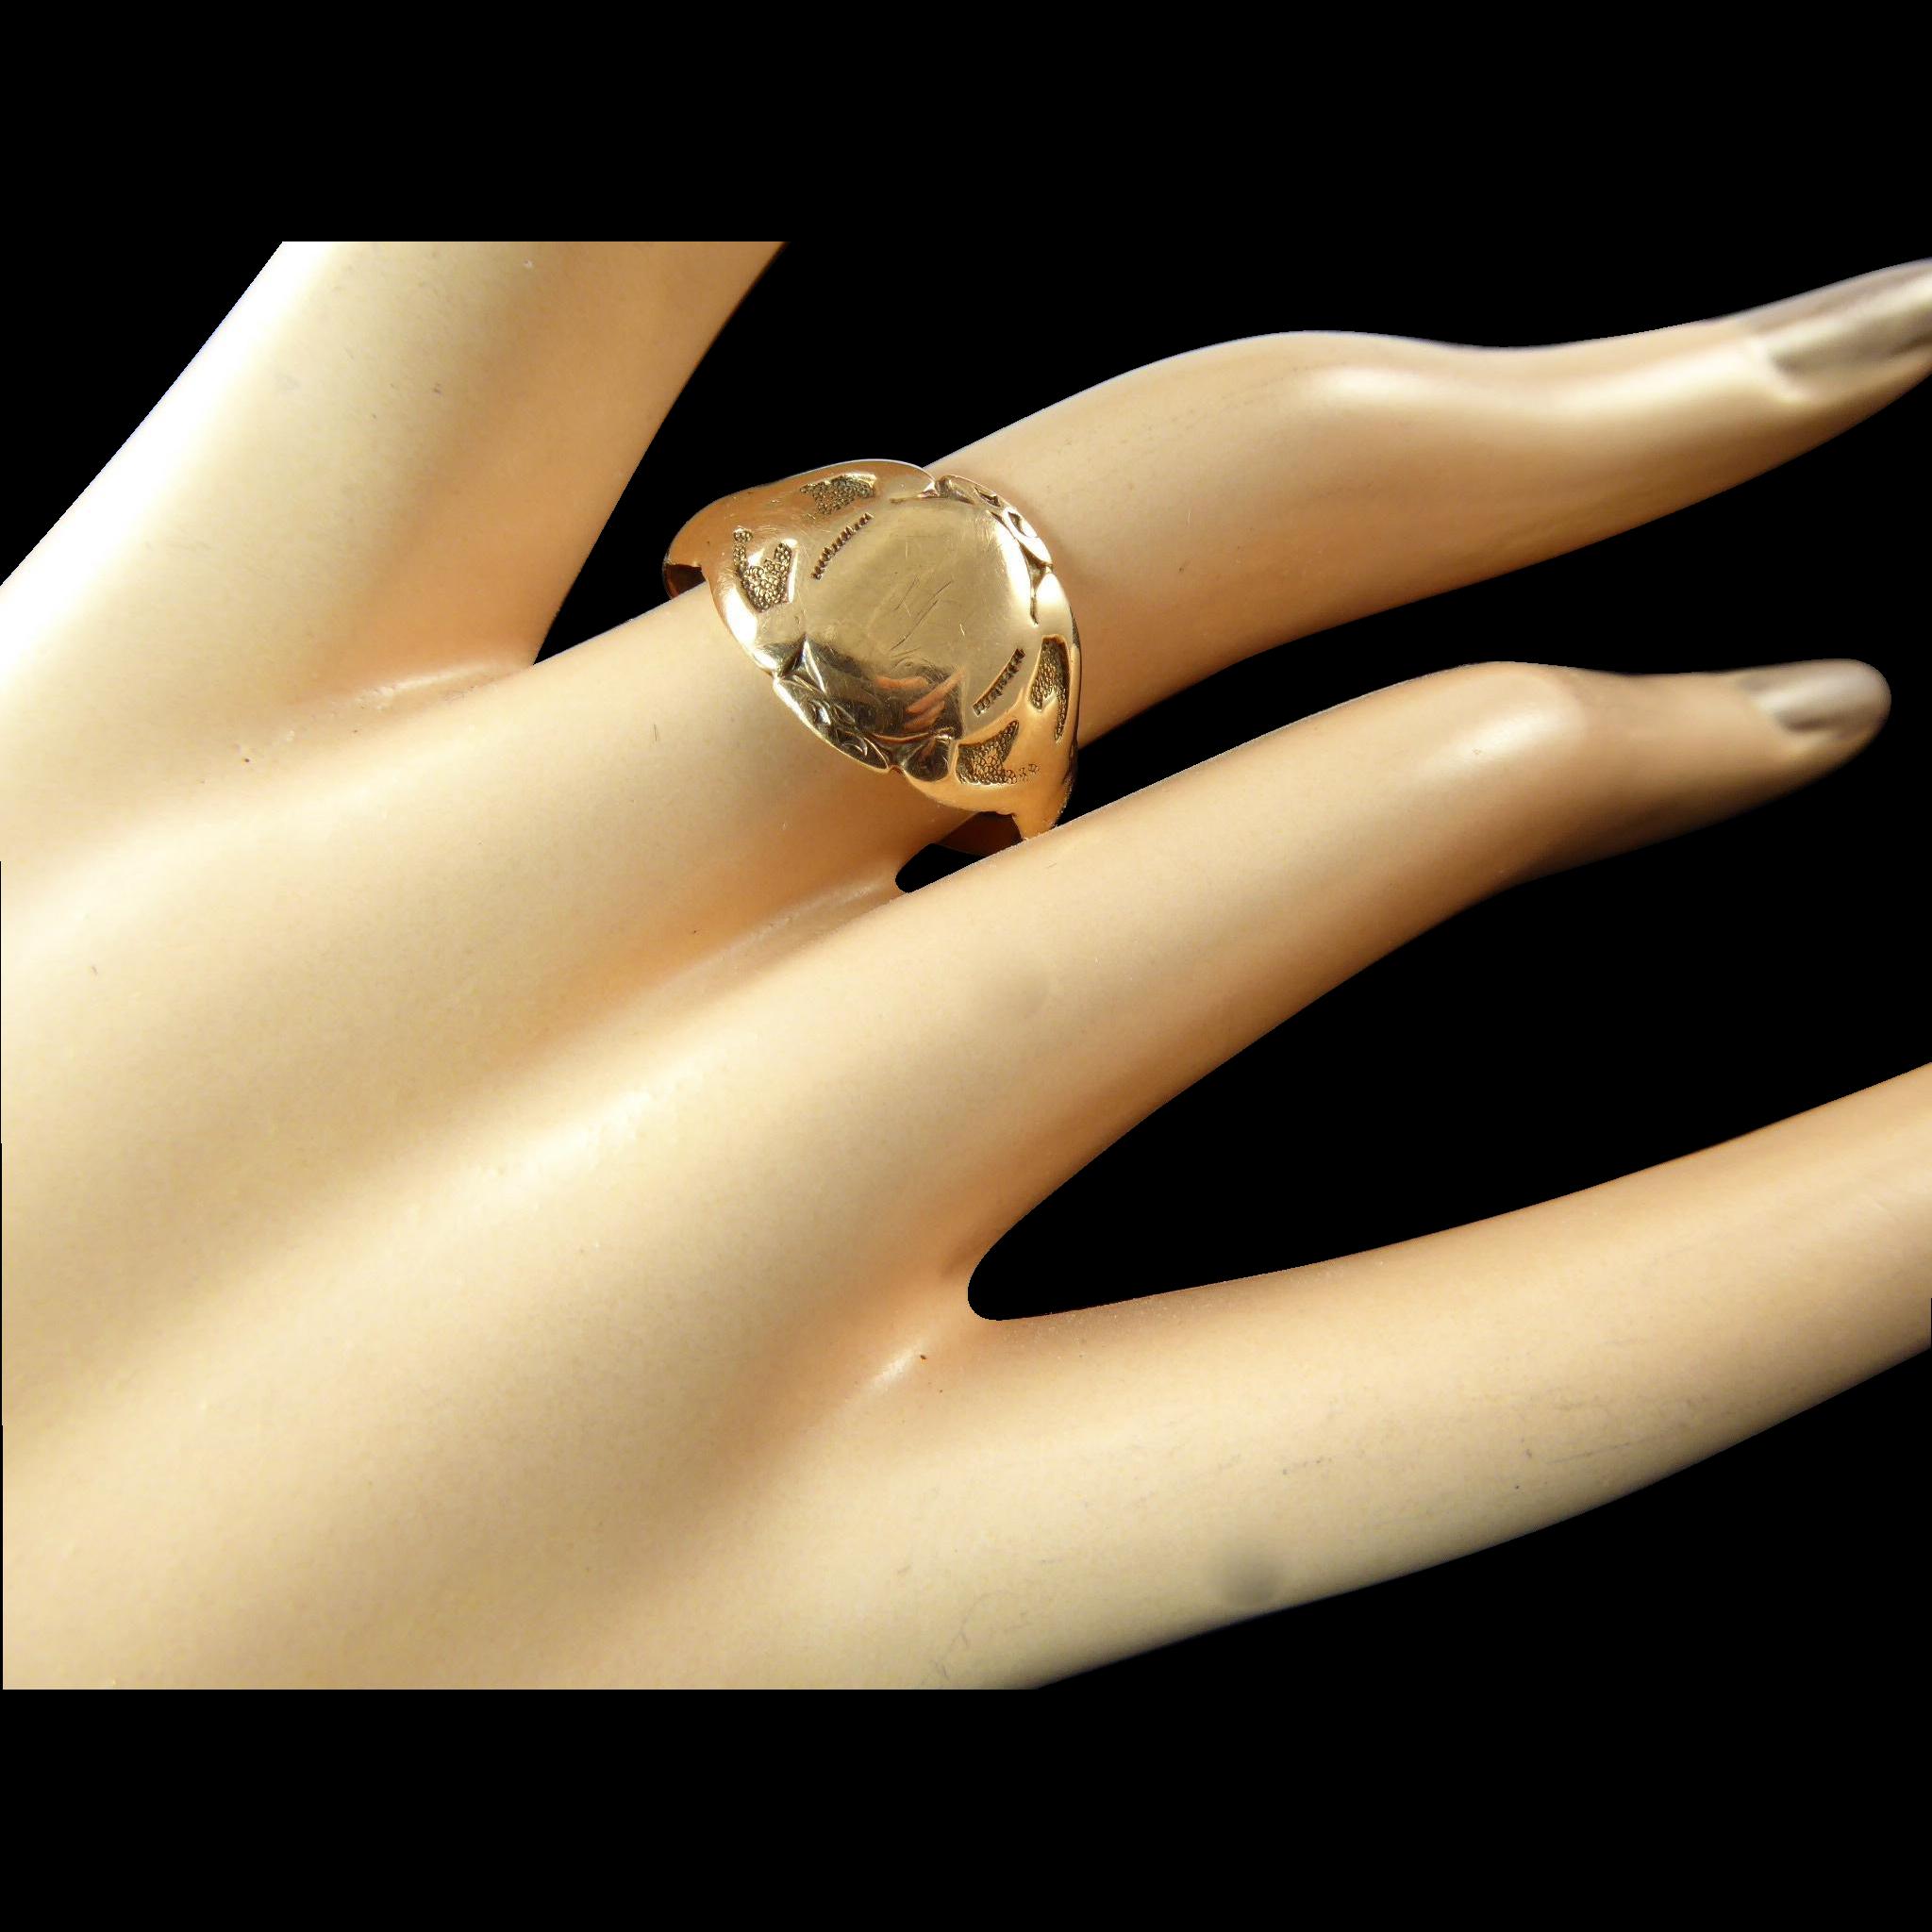 gold signet ring 10k from lkramervintage on ruby